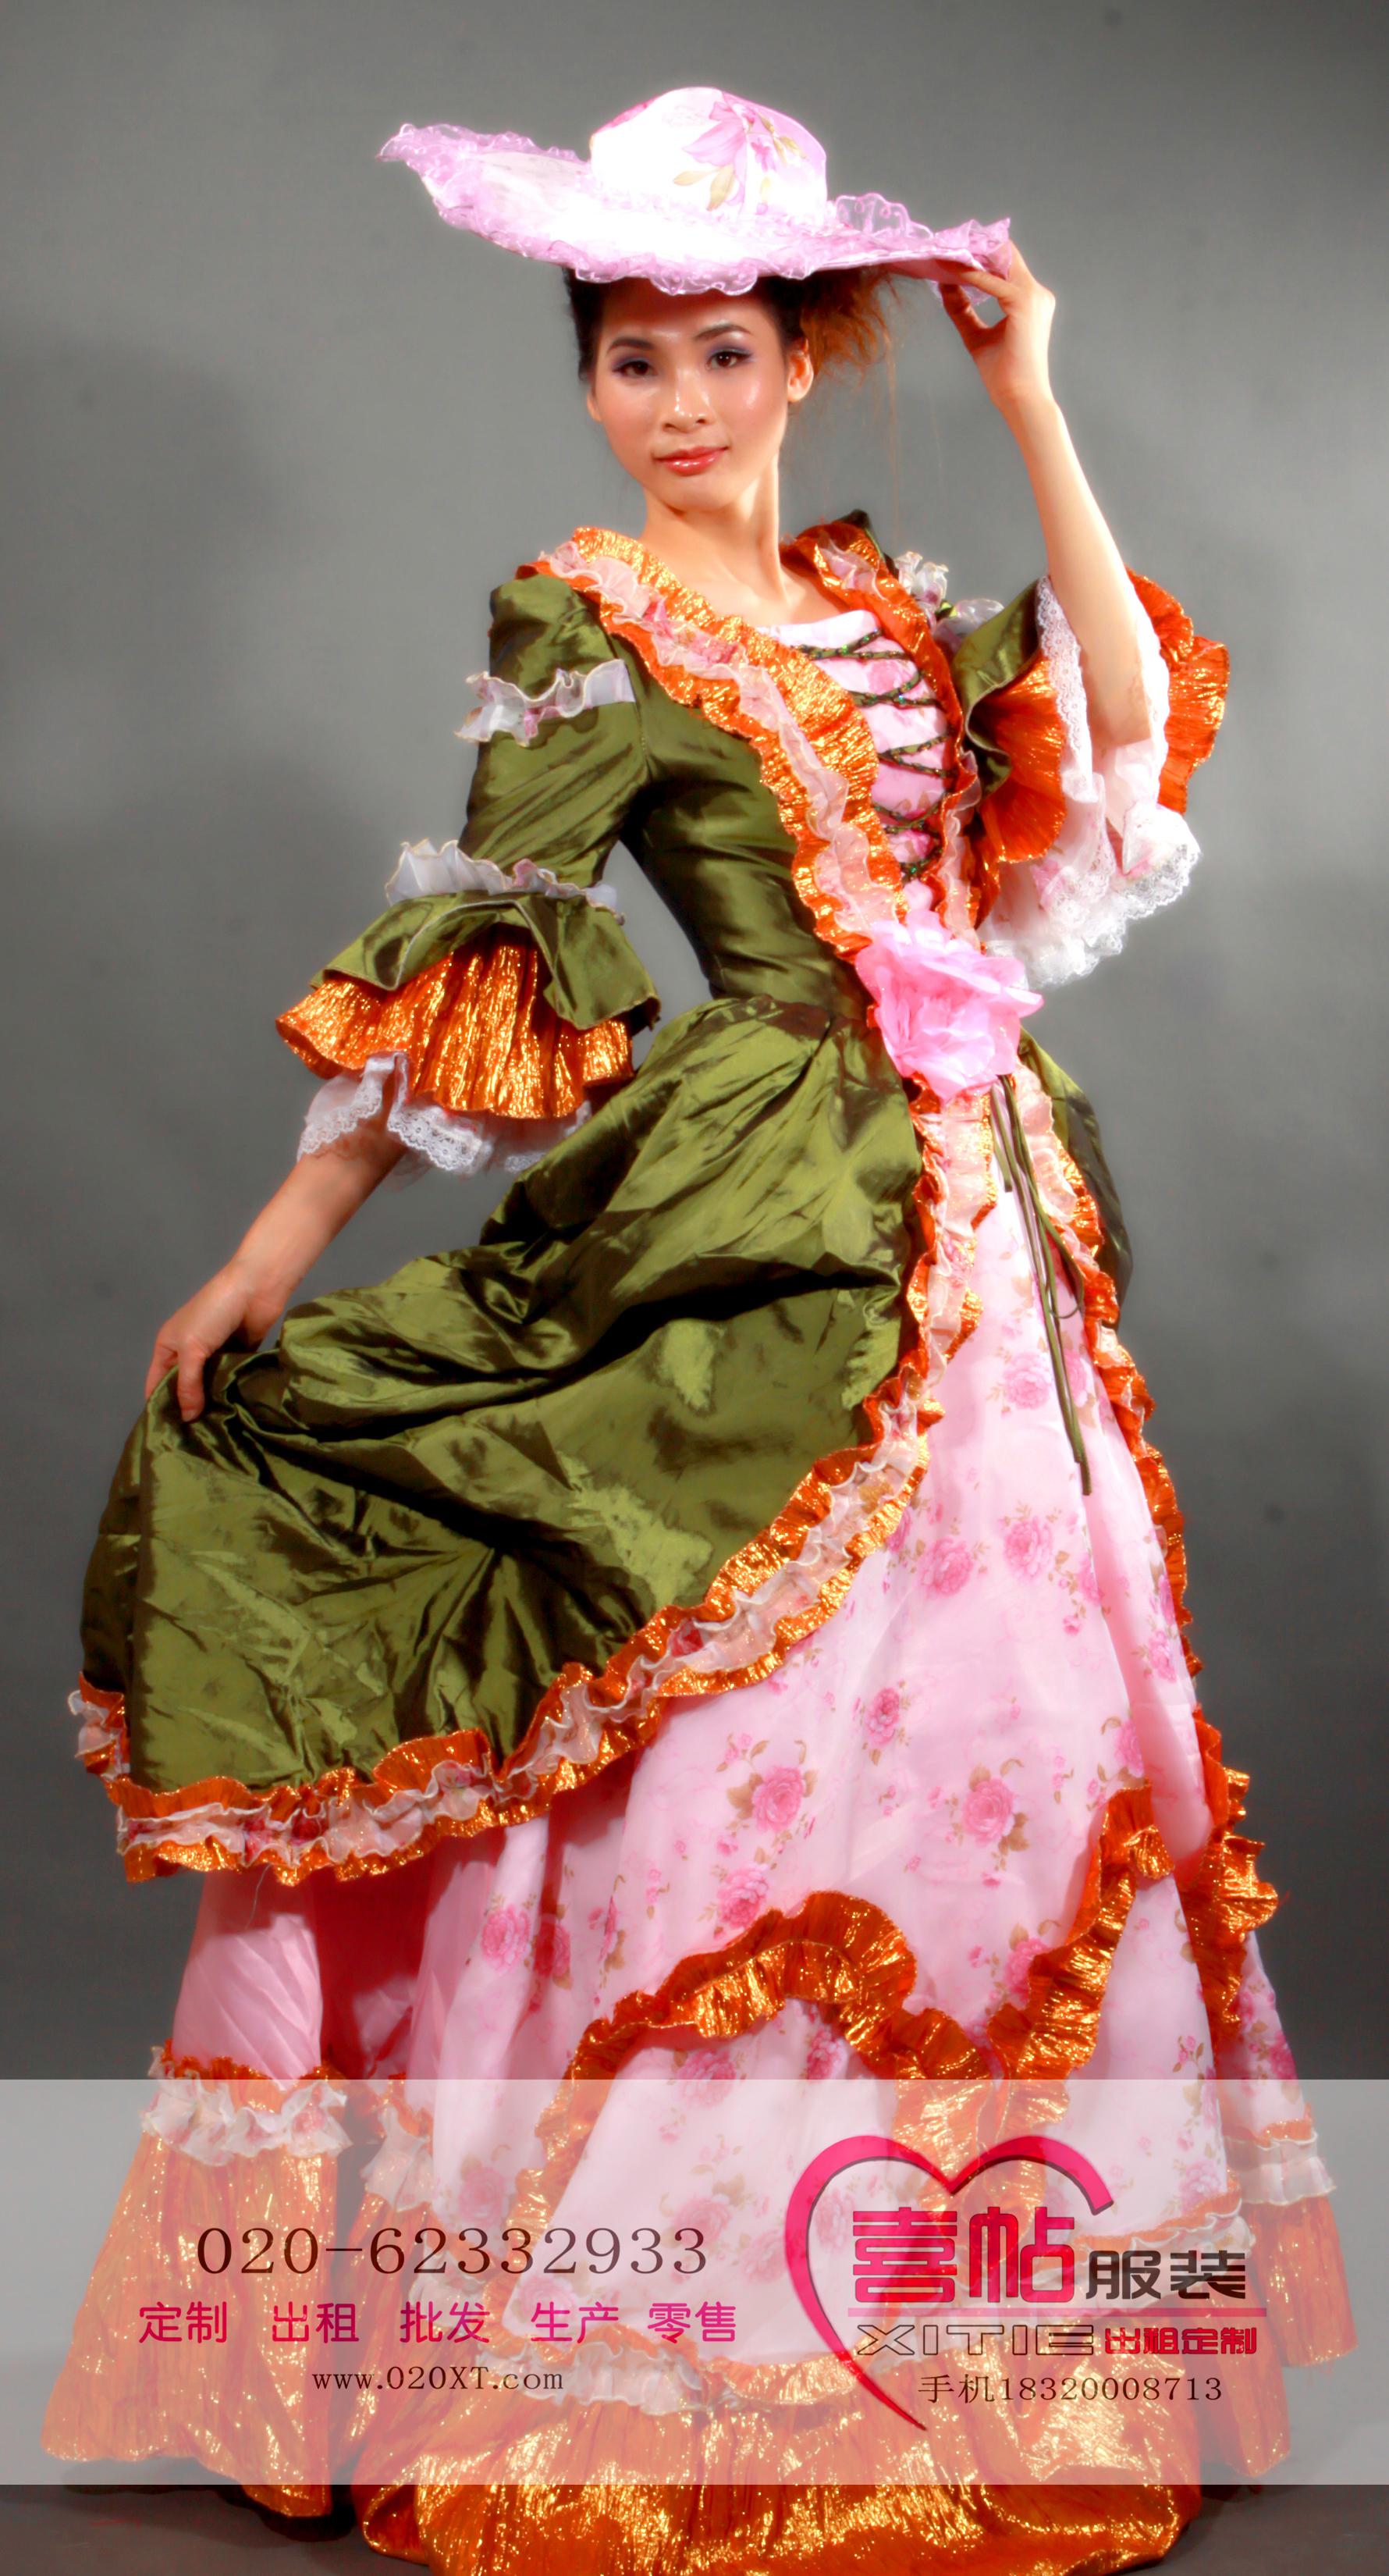 绿色欧洲皇后夫人 女欧洲宫廷服 国外服装出租 欧洲女宫廷装租赁